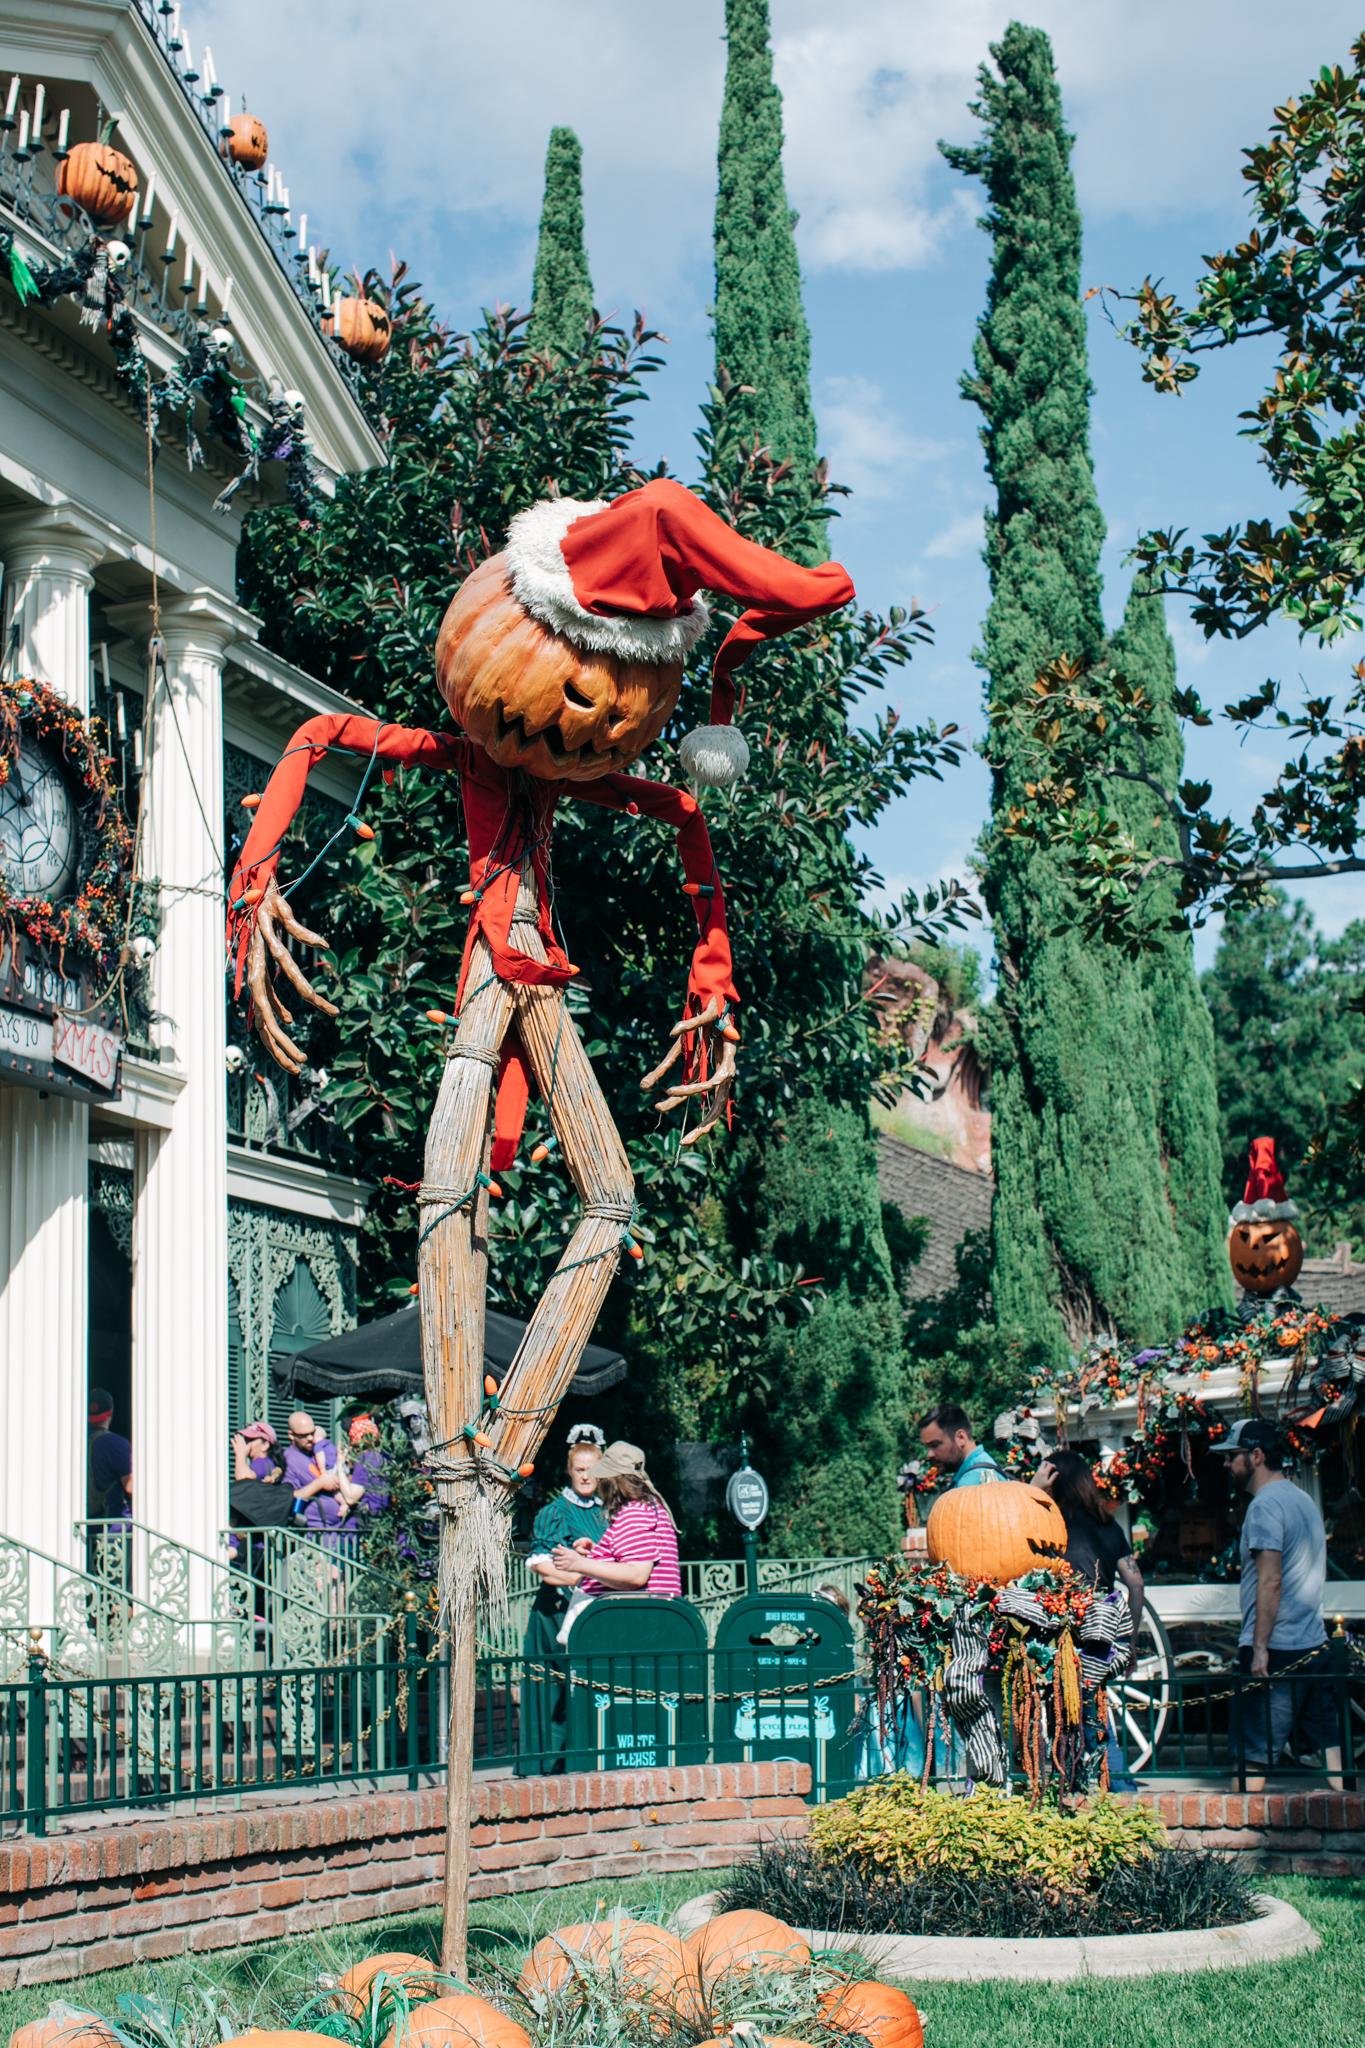 BabyBoyBakery_Disneyland_LilyRo-30.jpg